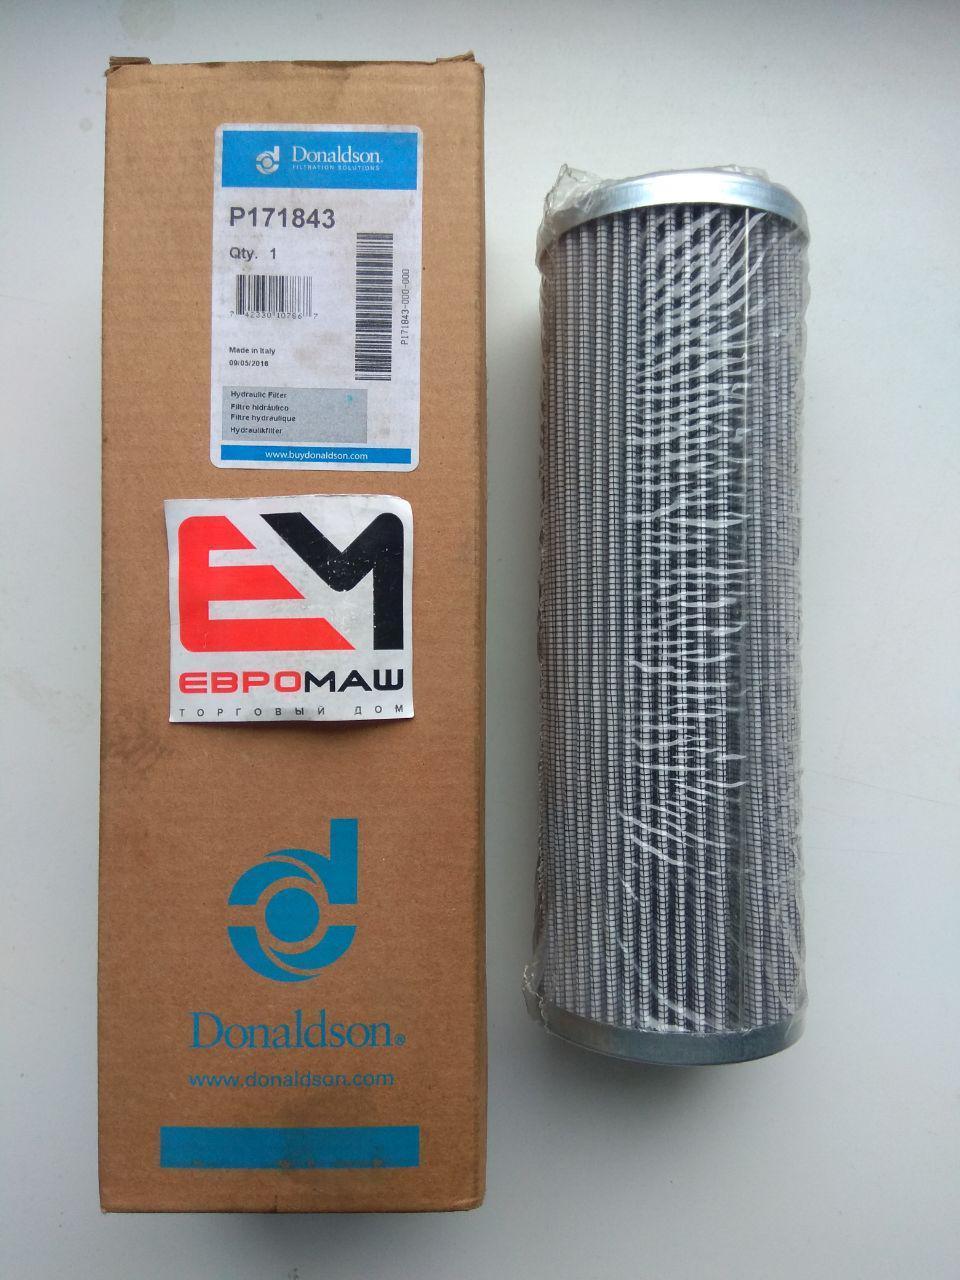 Р171843 Donaldson фильтр гидравлики (CR15003 / ERA33NFD)